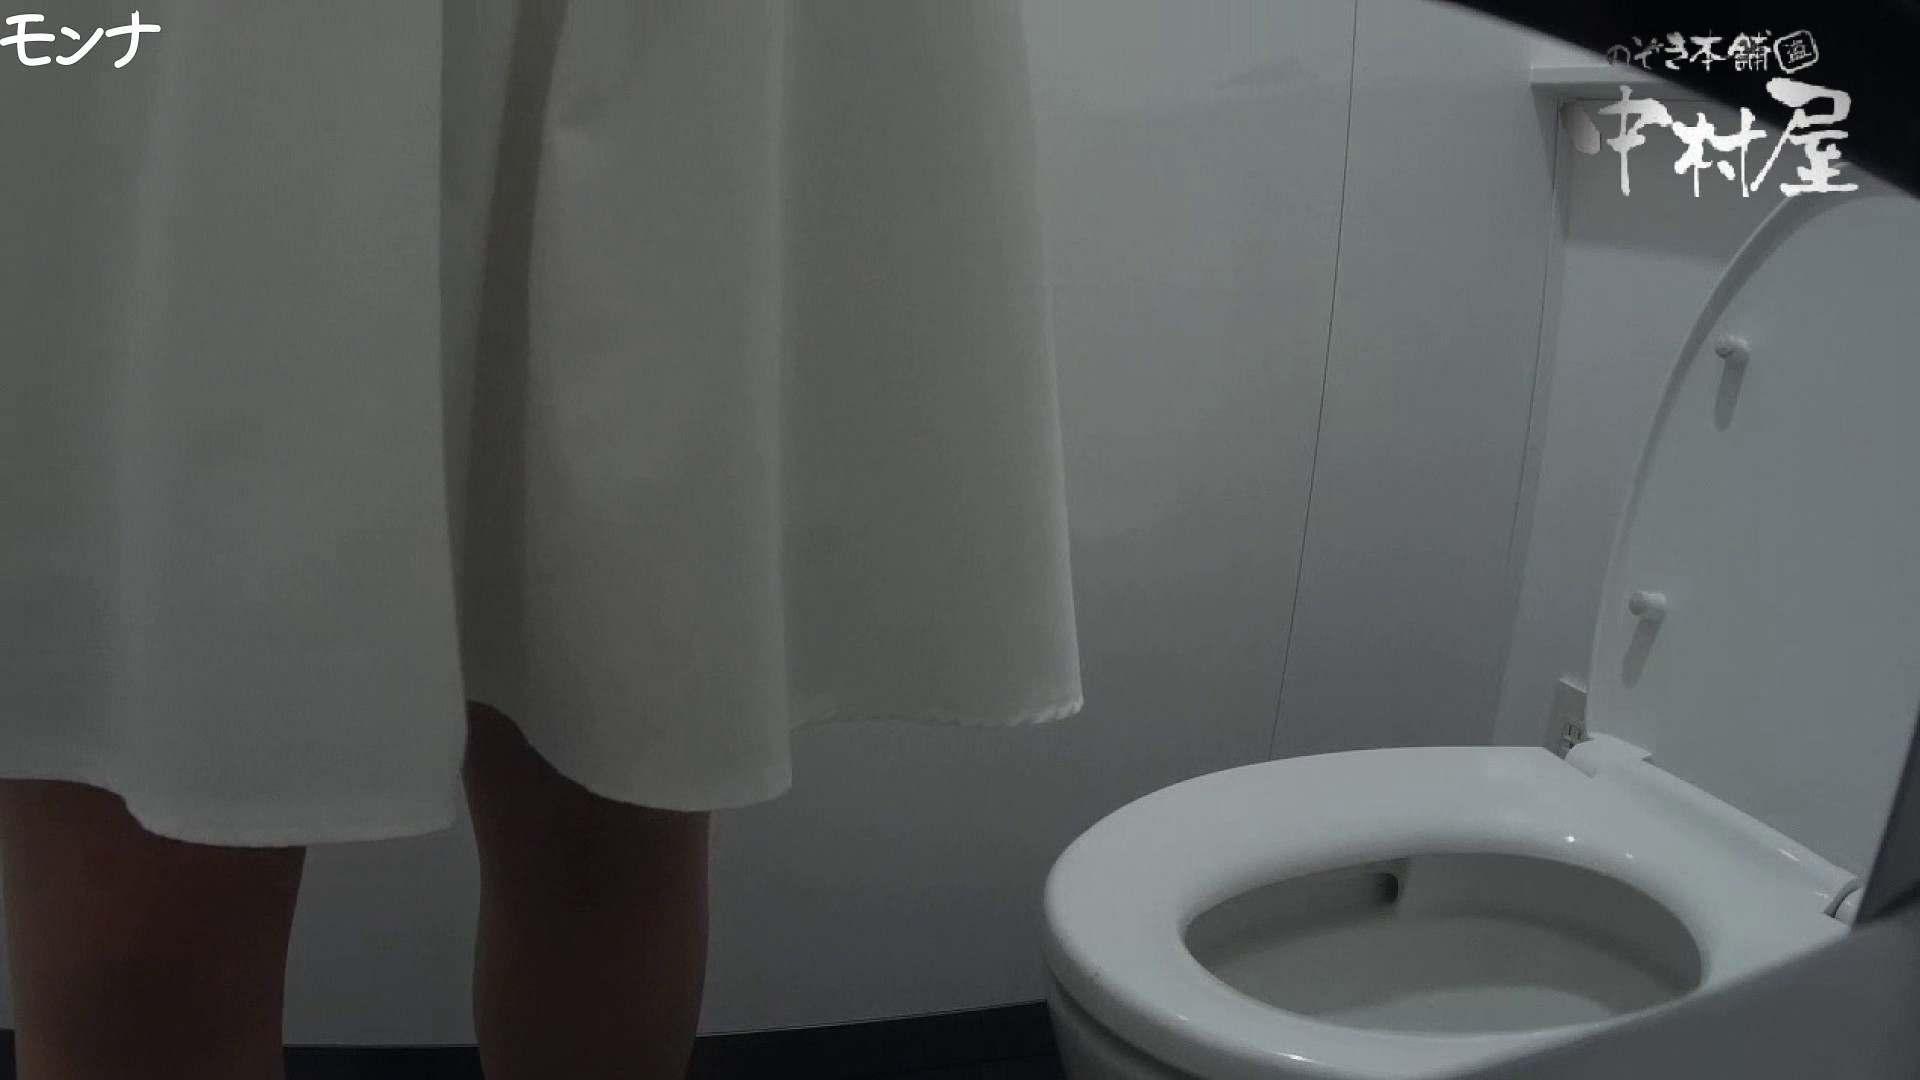 有名大学女性洗面所 vol.65 秘技!!マルチアングル天井撮り!! 和式 | 洗面所  91pic 21